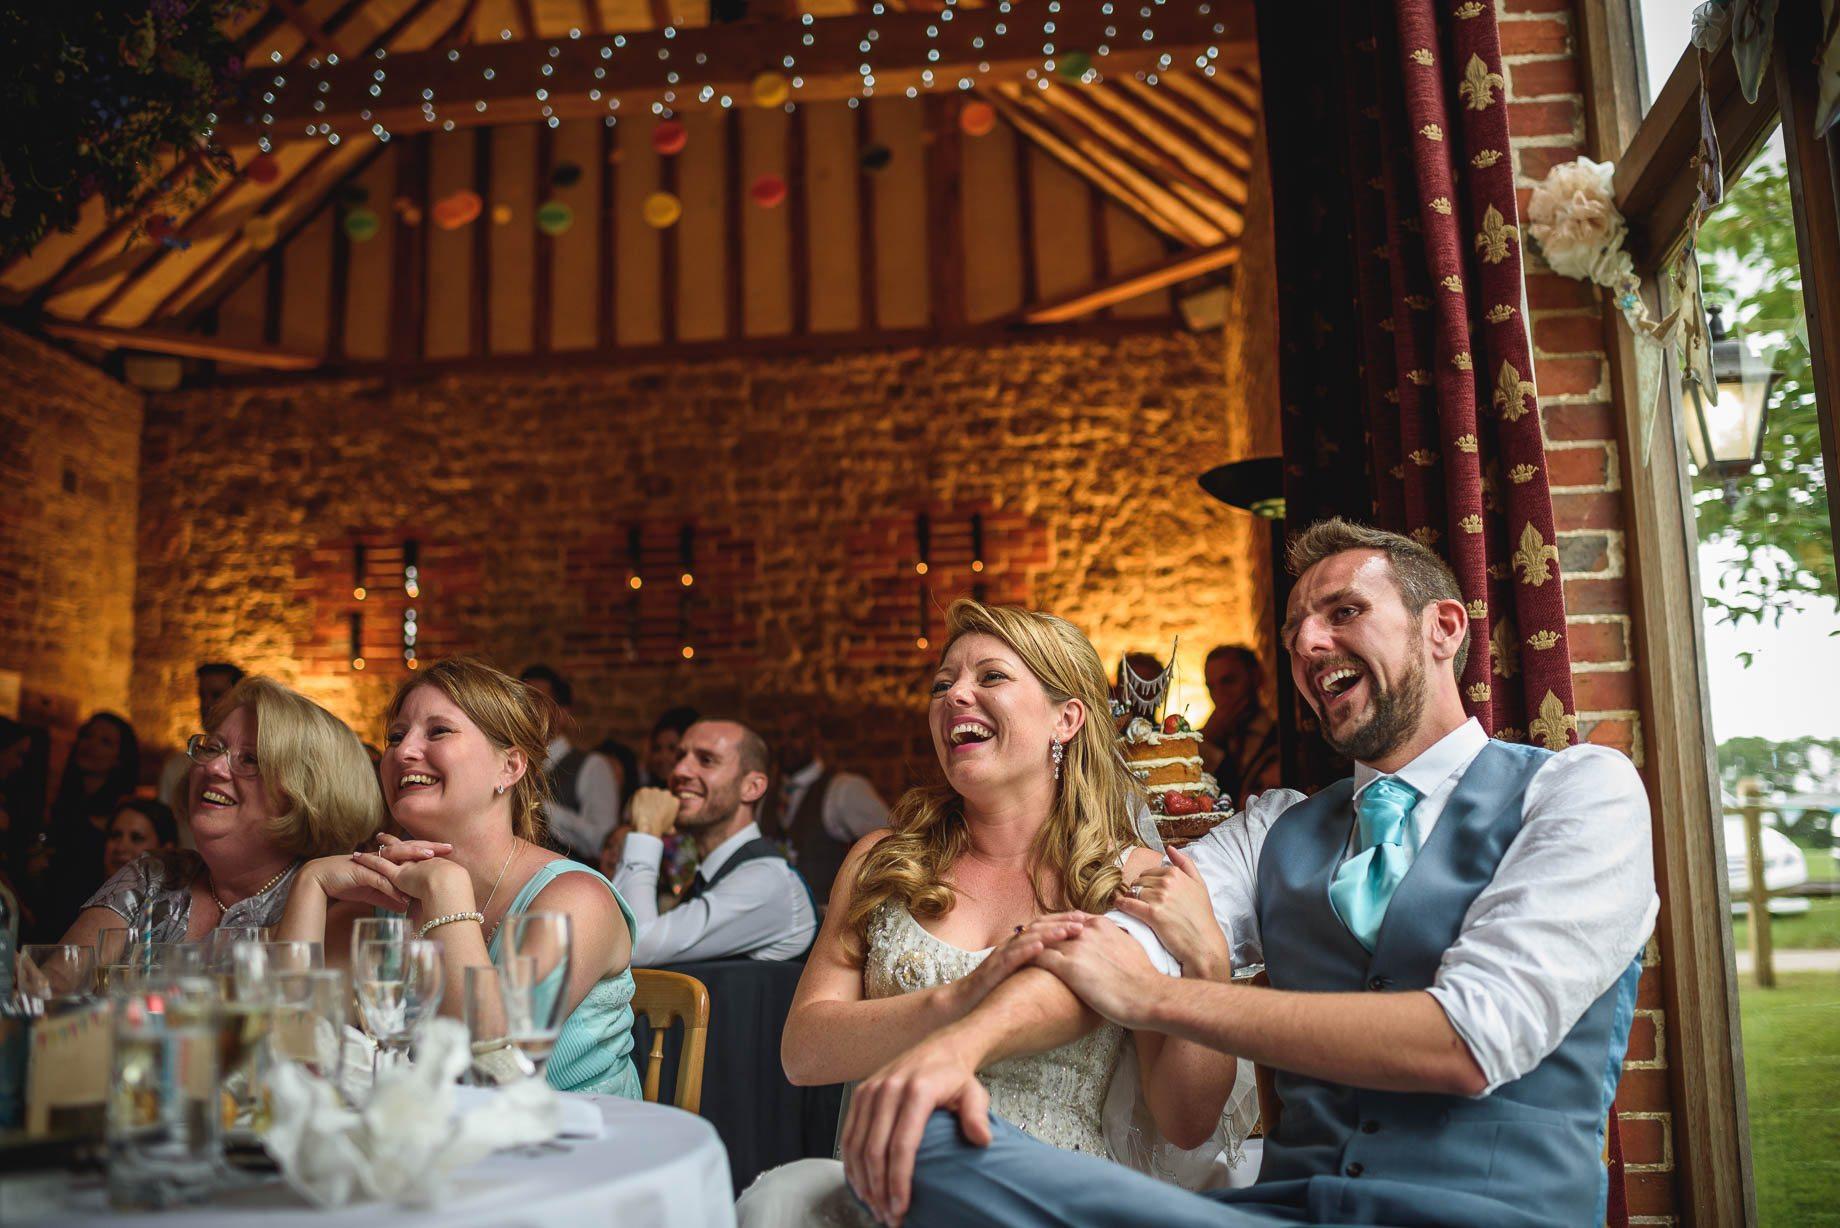 Bartholomew Barns wedding photography - Louise and Spencer (108 of 151)